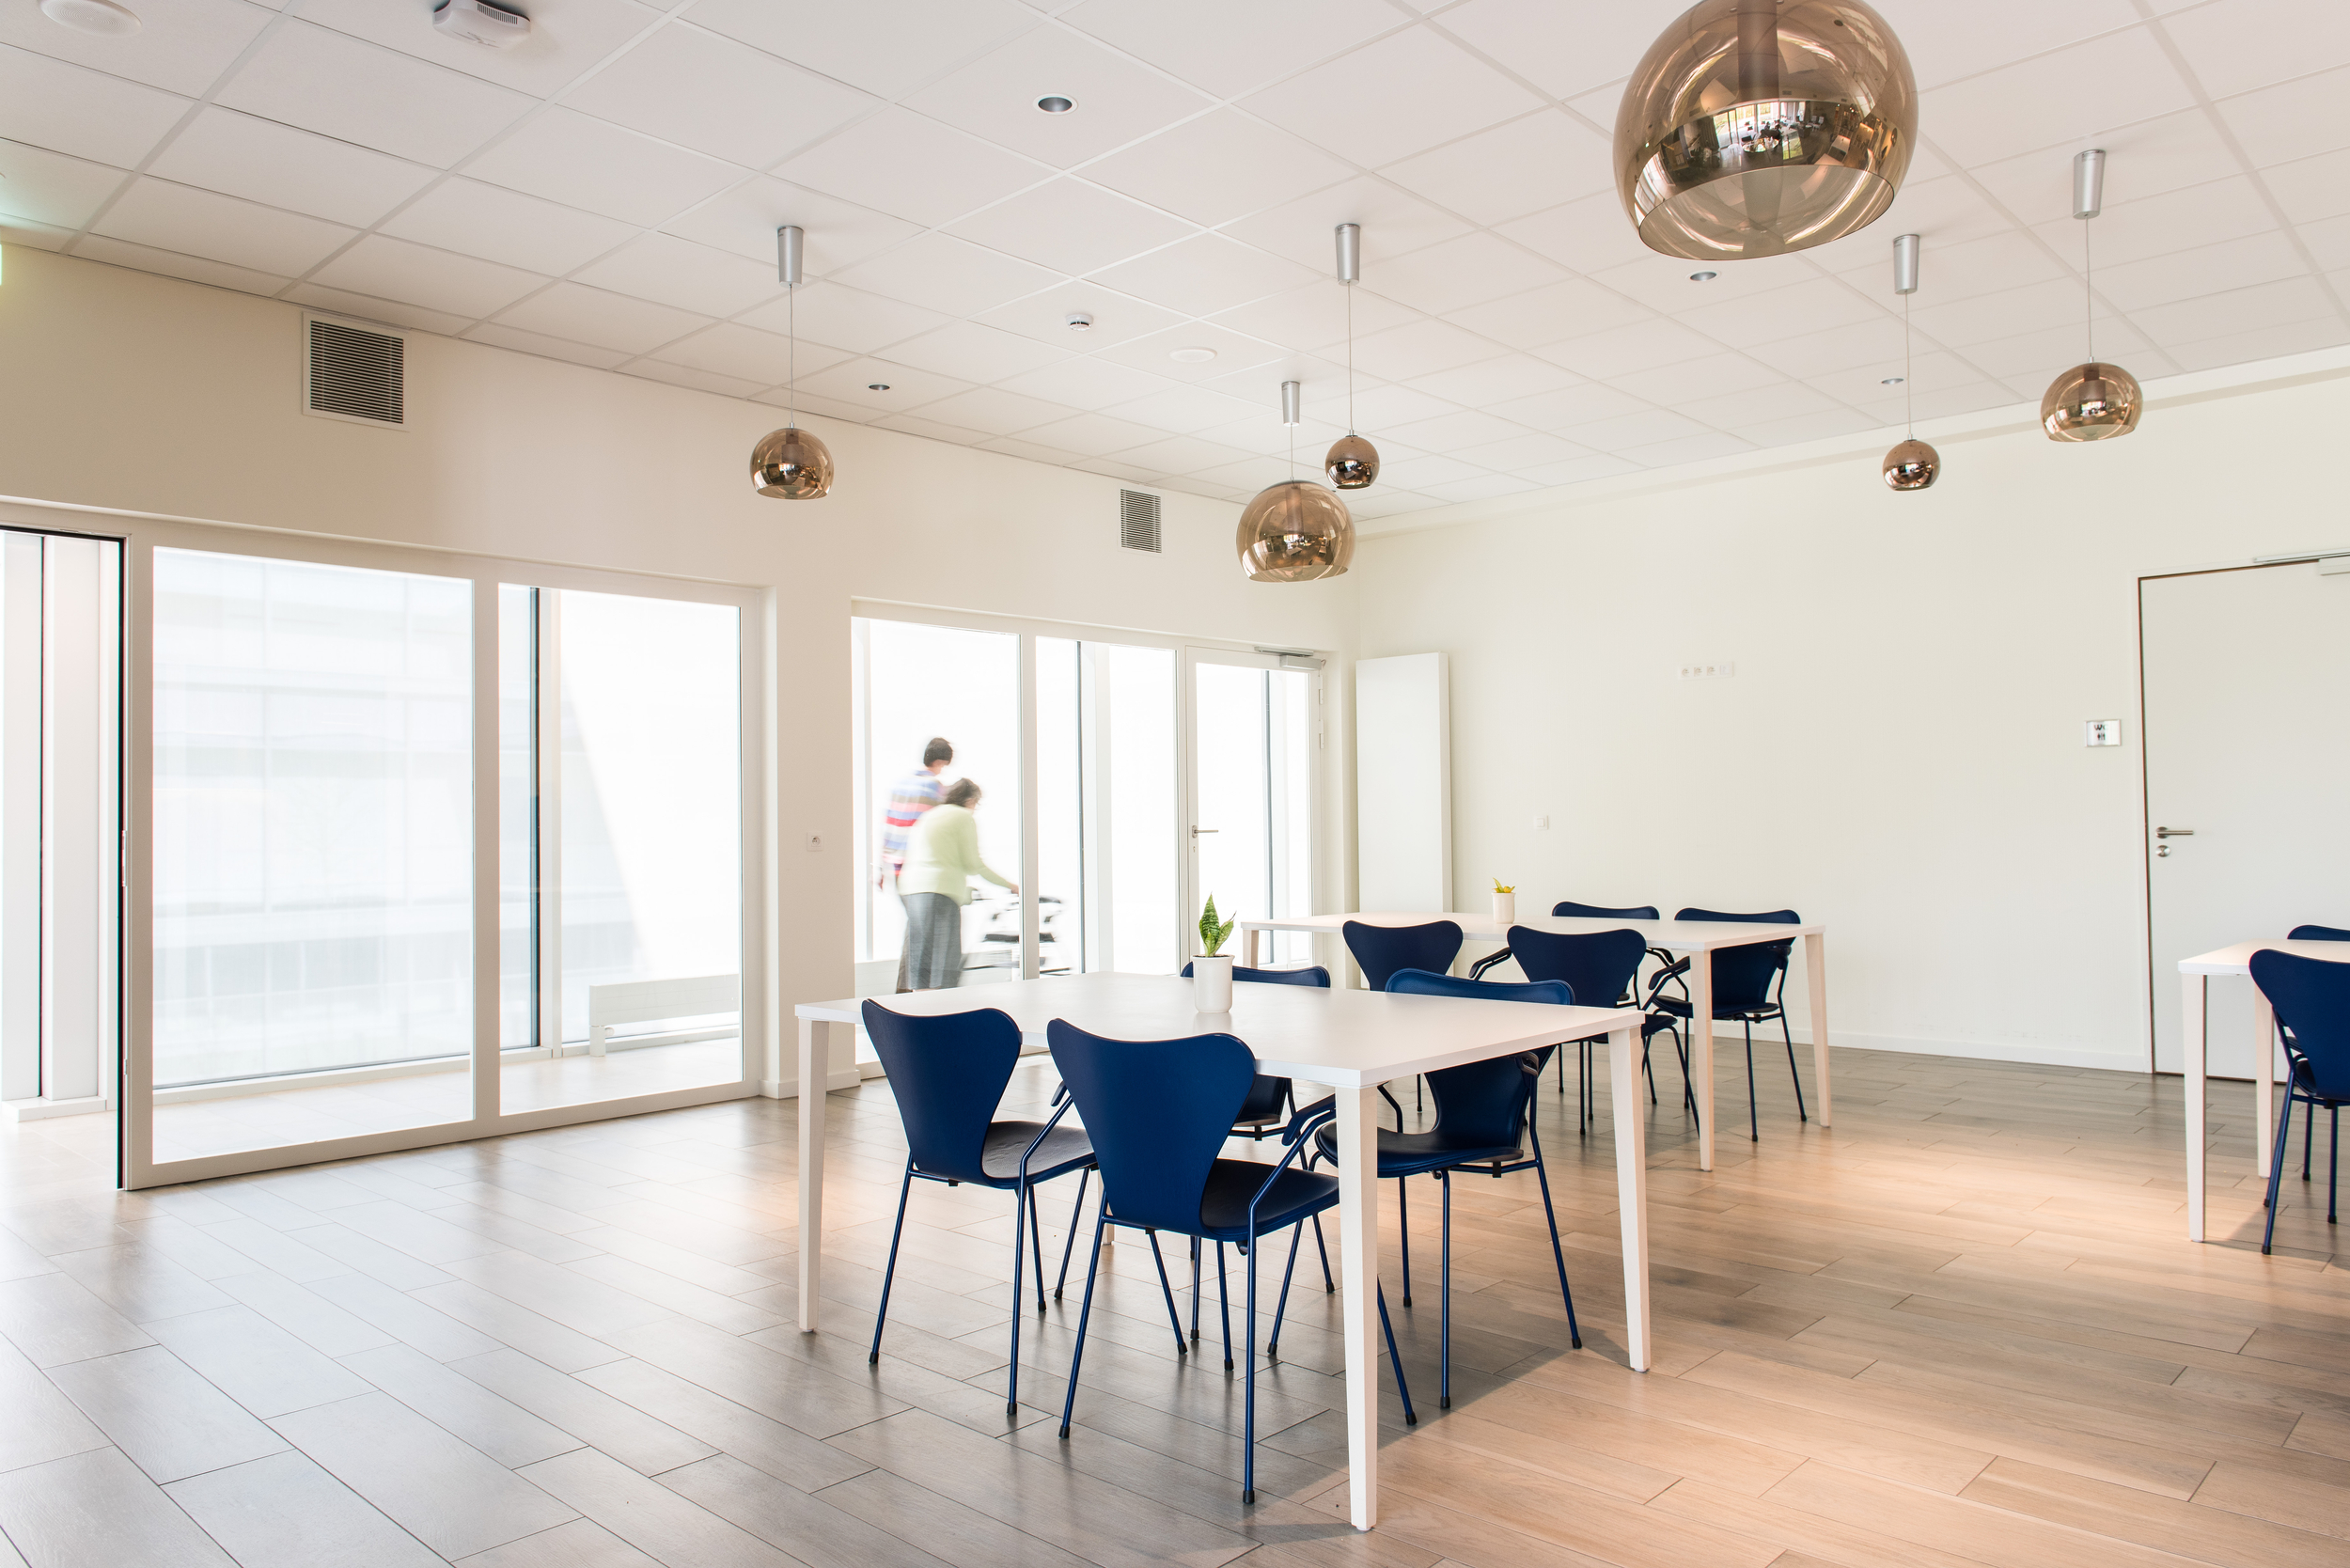 Woonzorgcentrum van lierde groep van roey for Boeckx interieur